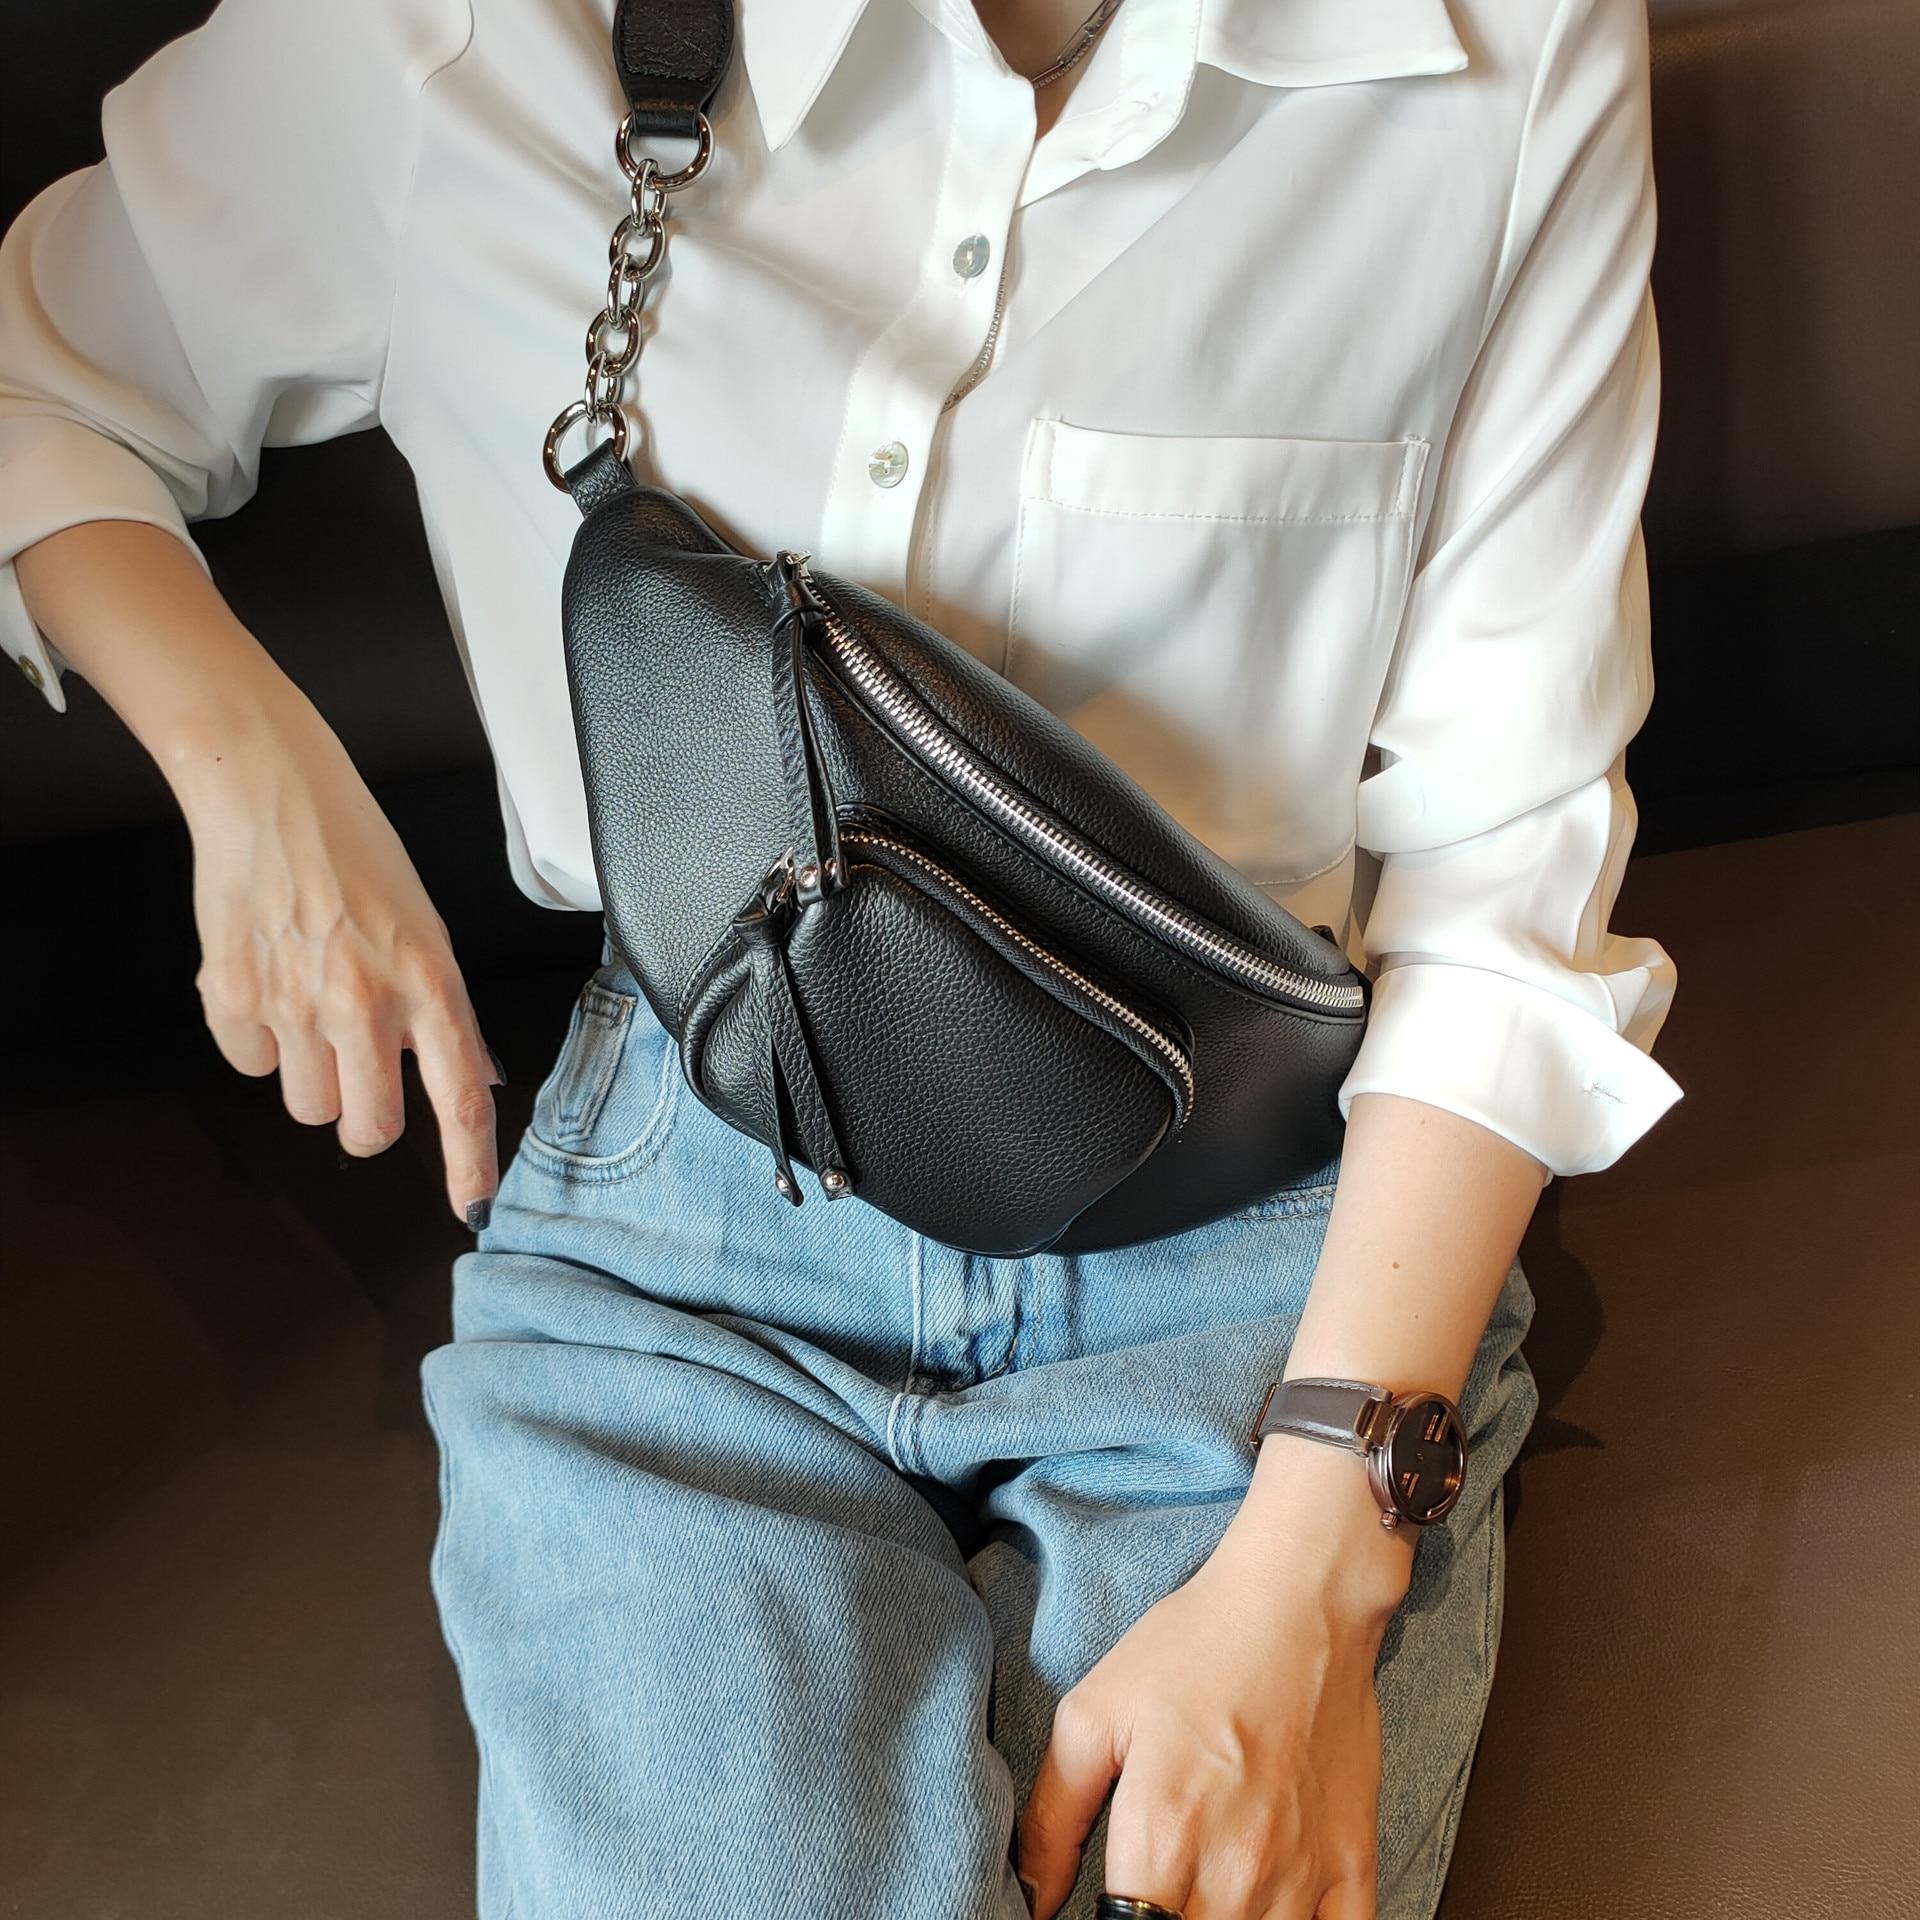 BRIGGS-حقيبة صدر نسائية من الجلد الطبيعي الناعم ، حقيبة كتف صغيرة ، عصرية ، باللونين الأسود والأزرق والأبيض ، 2021